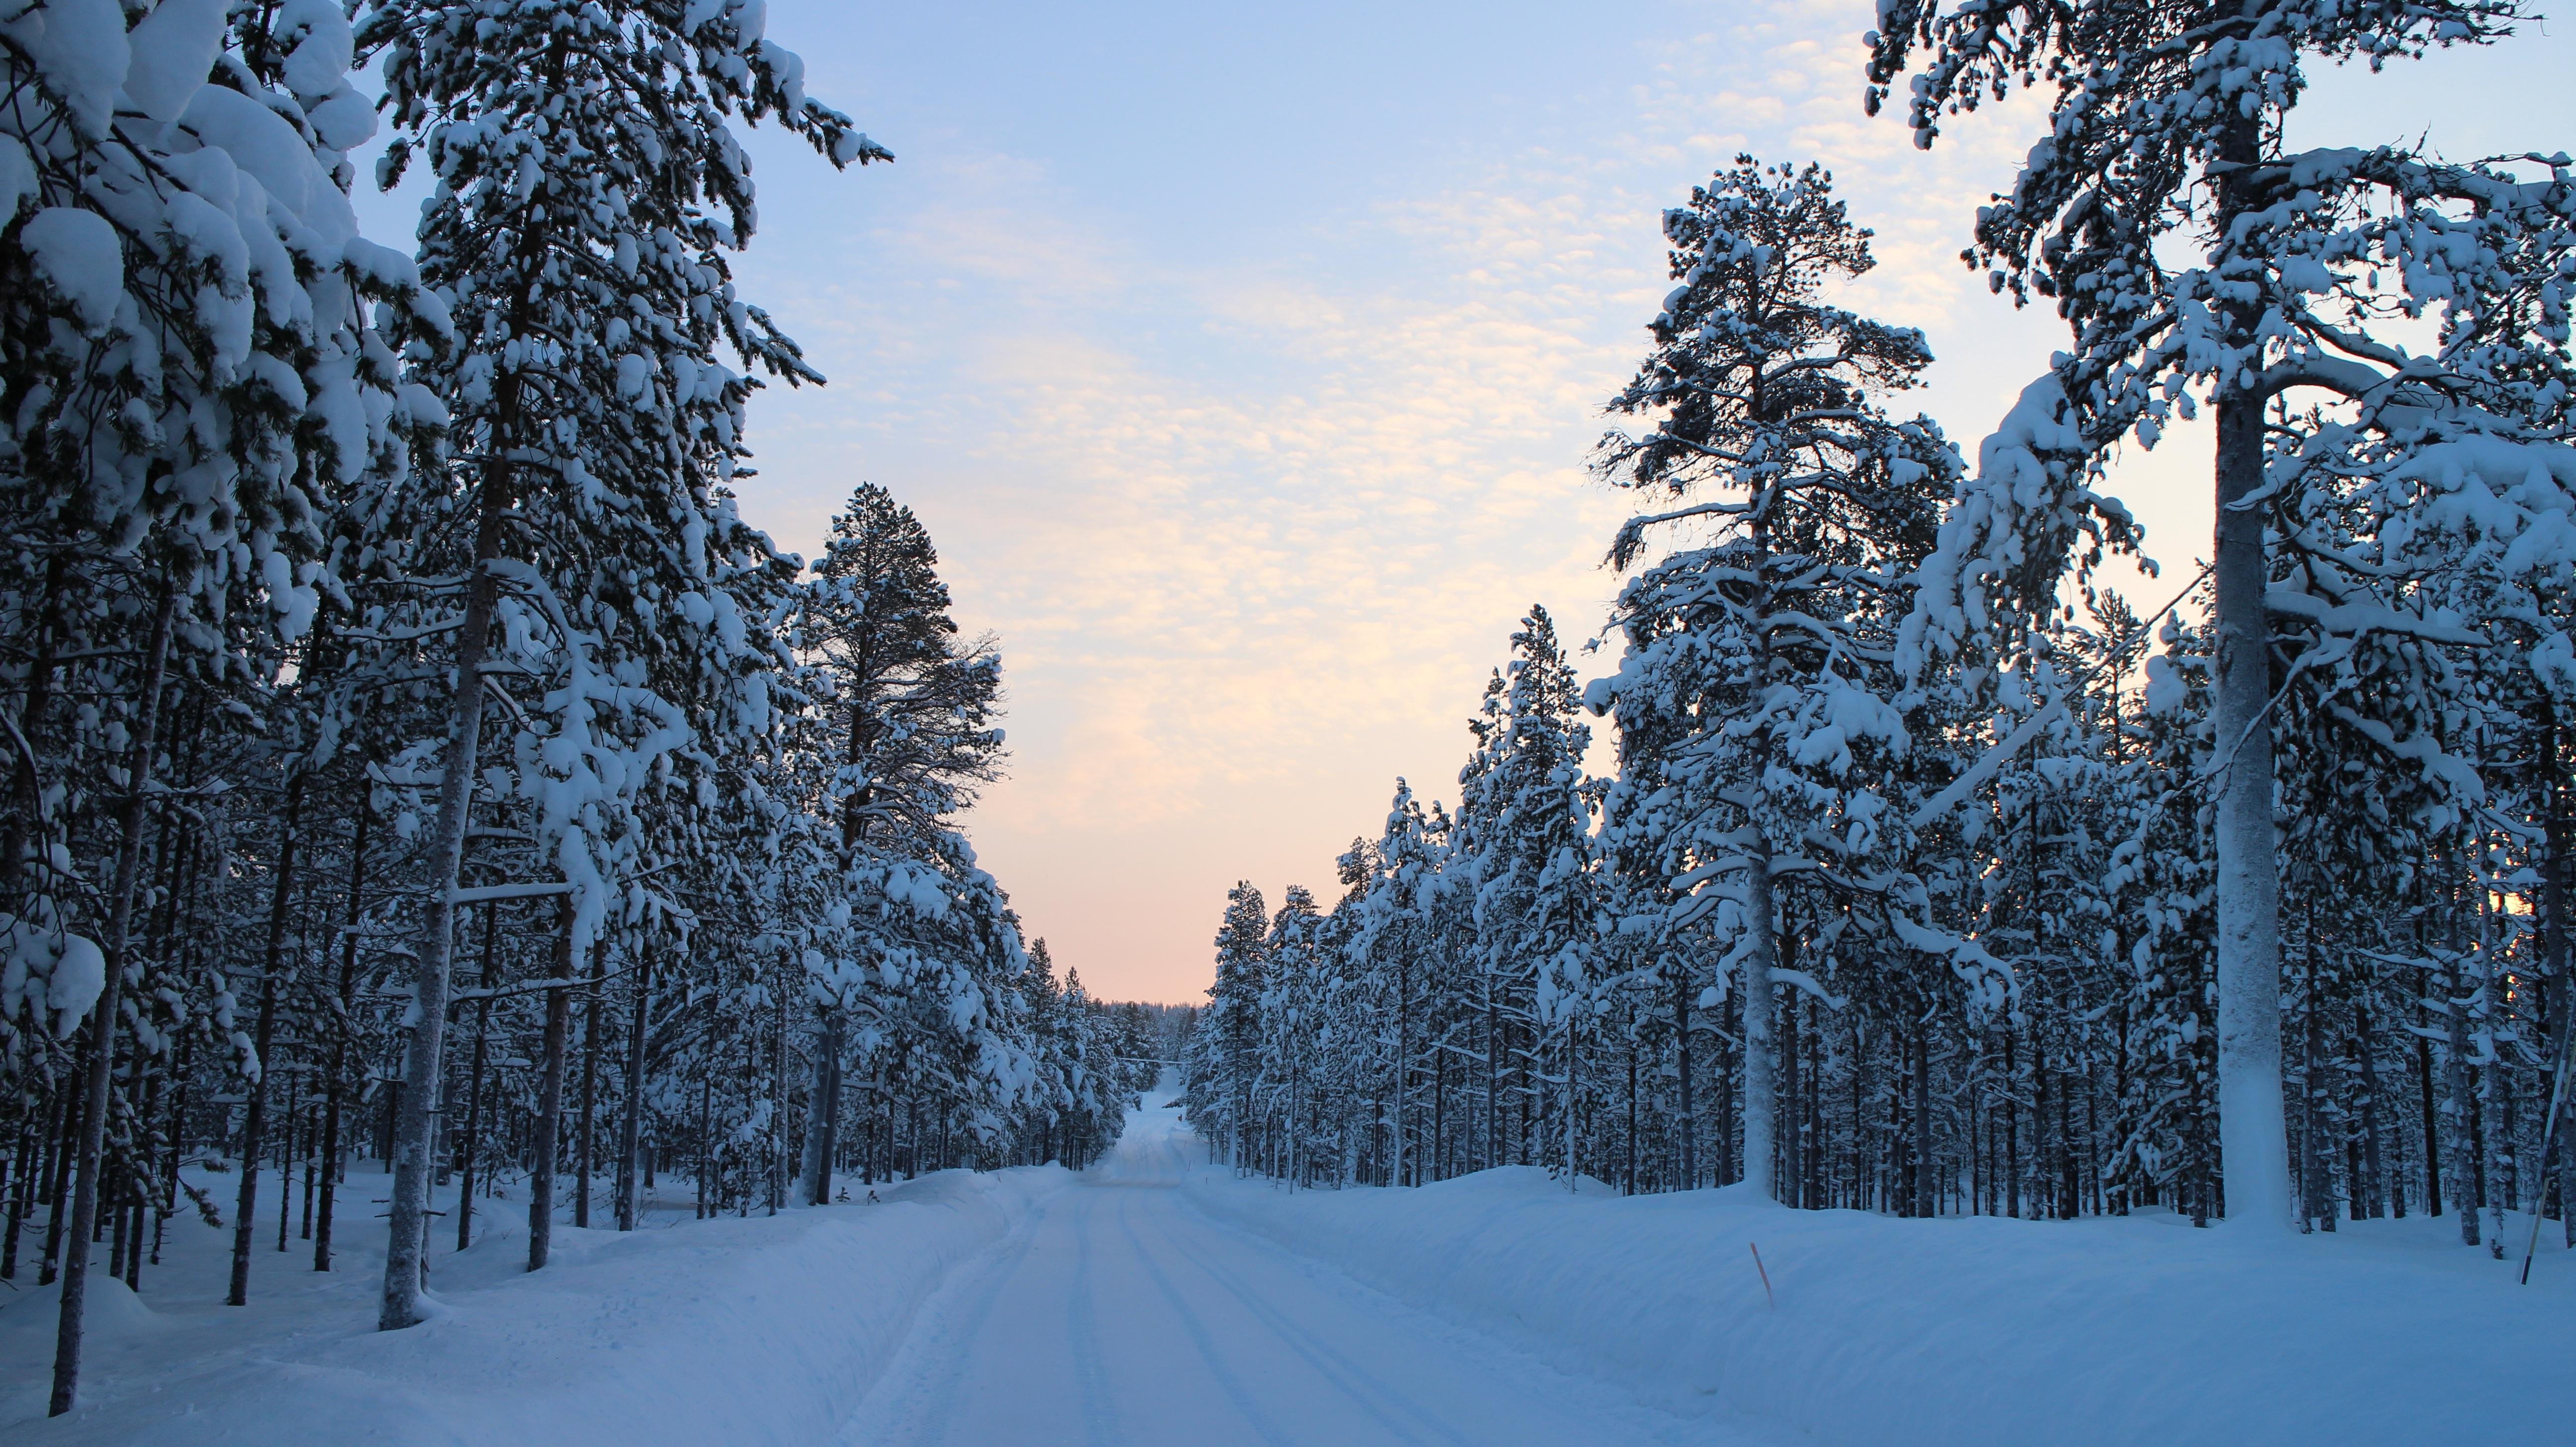 Lumi Laukut Suomi : Ilmaisia kuvia puu mets? vuori lumi kylm? talvi